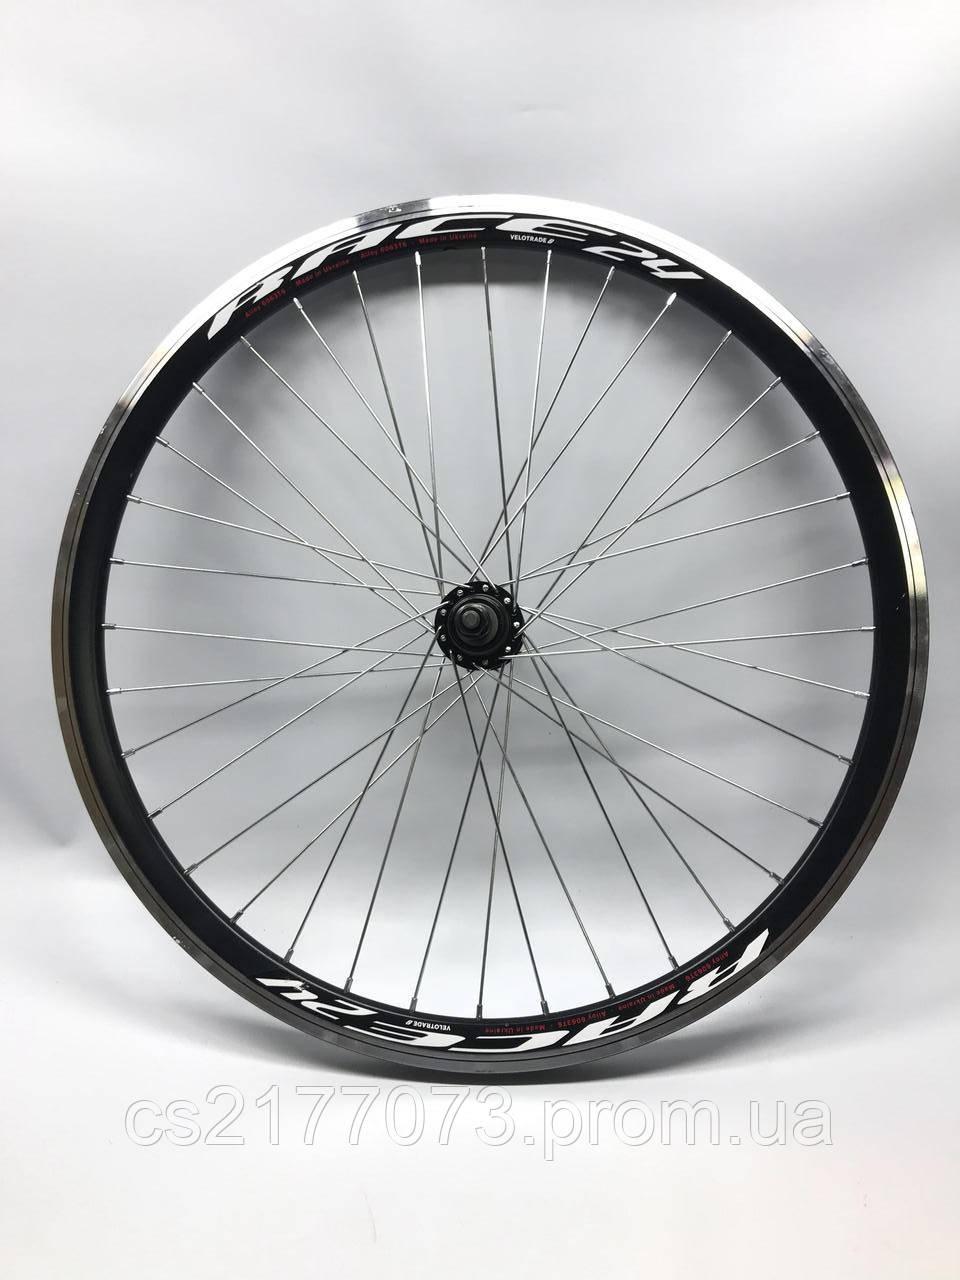 Велотрейд / Колесо заднє для велосипеда 24